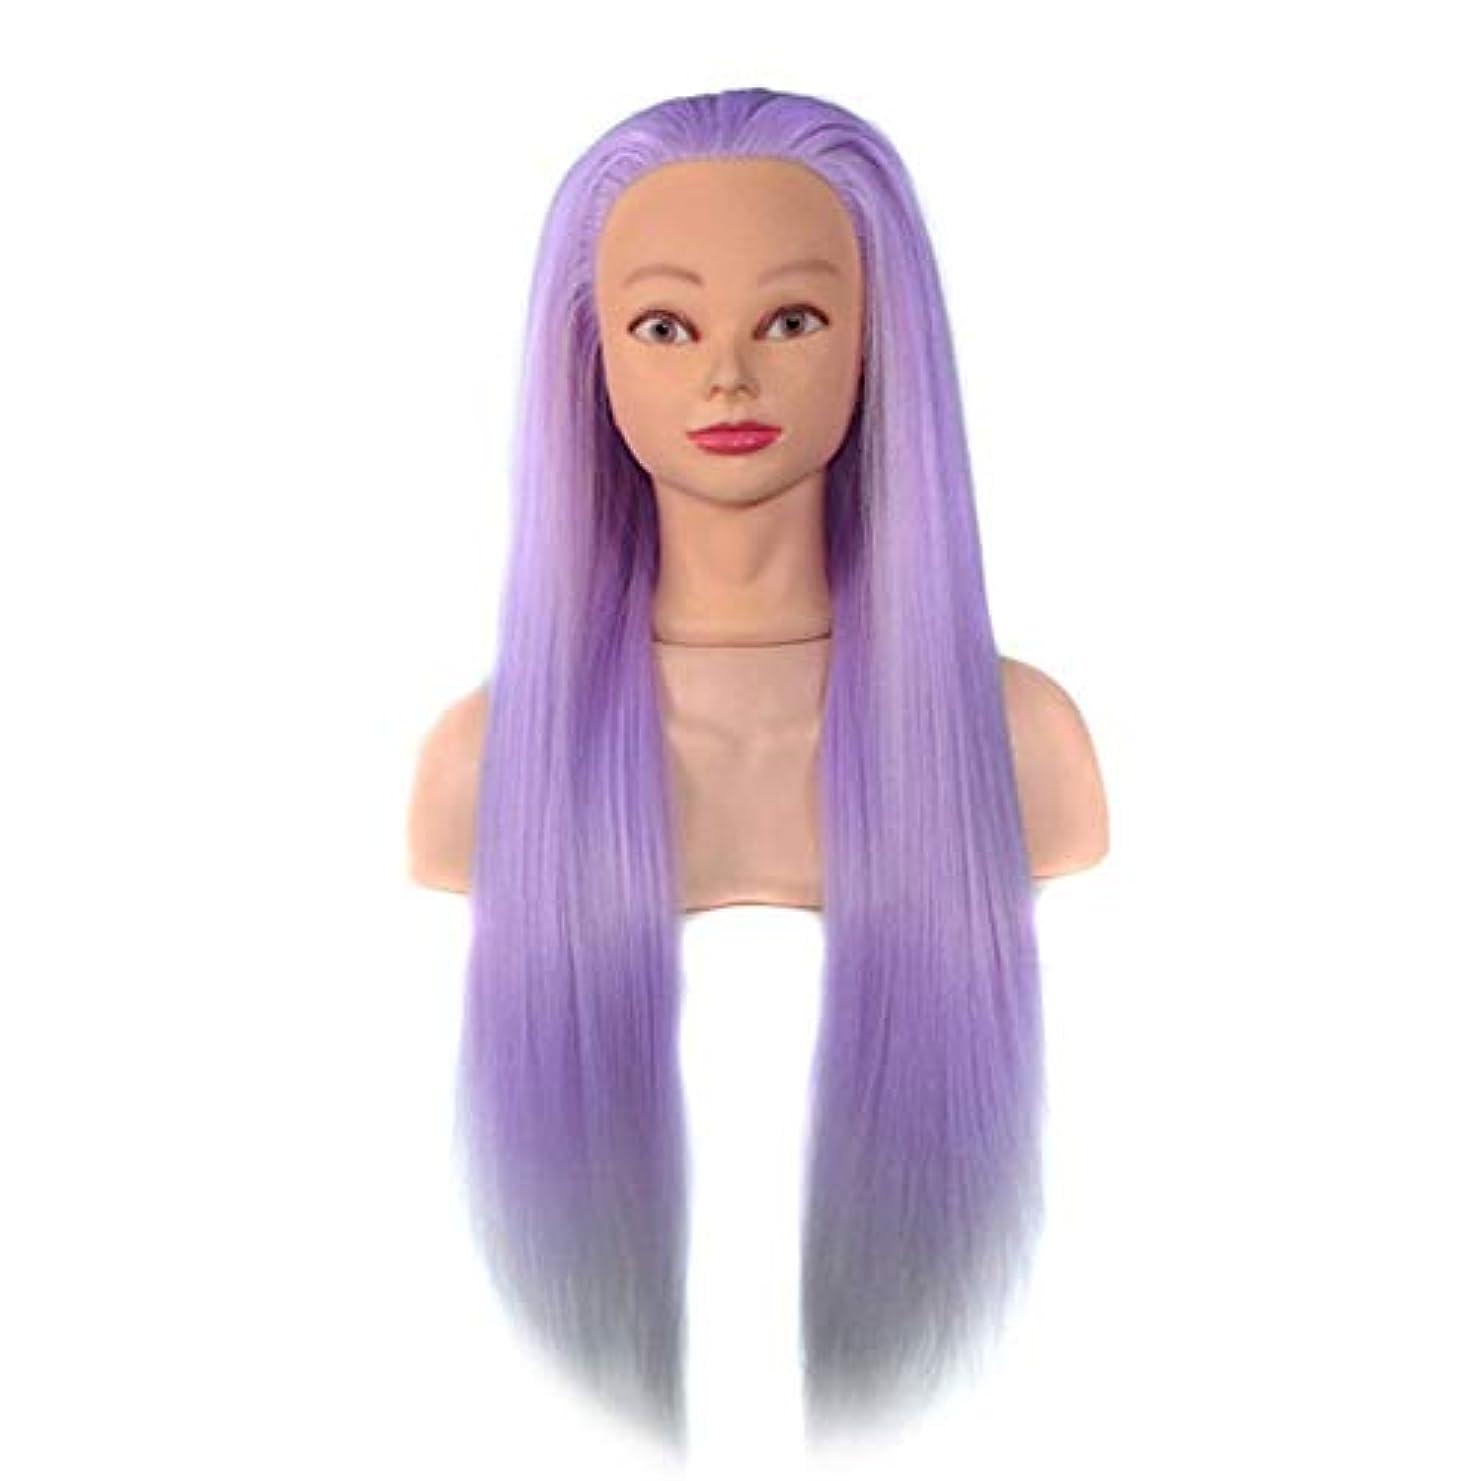 苦しむ若さ空ヘアサロンスタイリング練習ヘッドモデル美容院高温シルク花嫁編組トレーニングヘッド人体モデル人形モデル60センチ,Purple